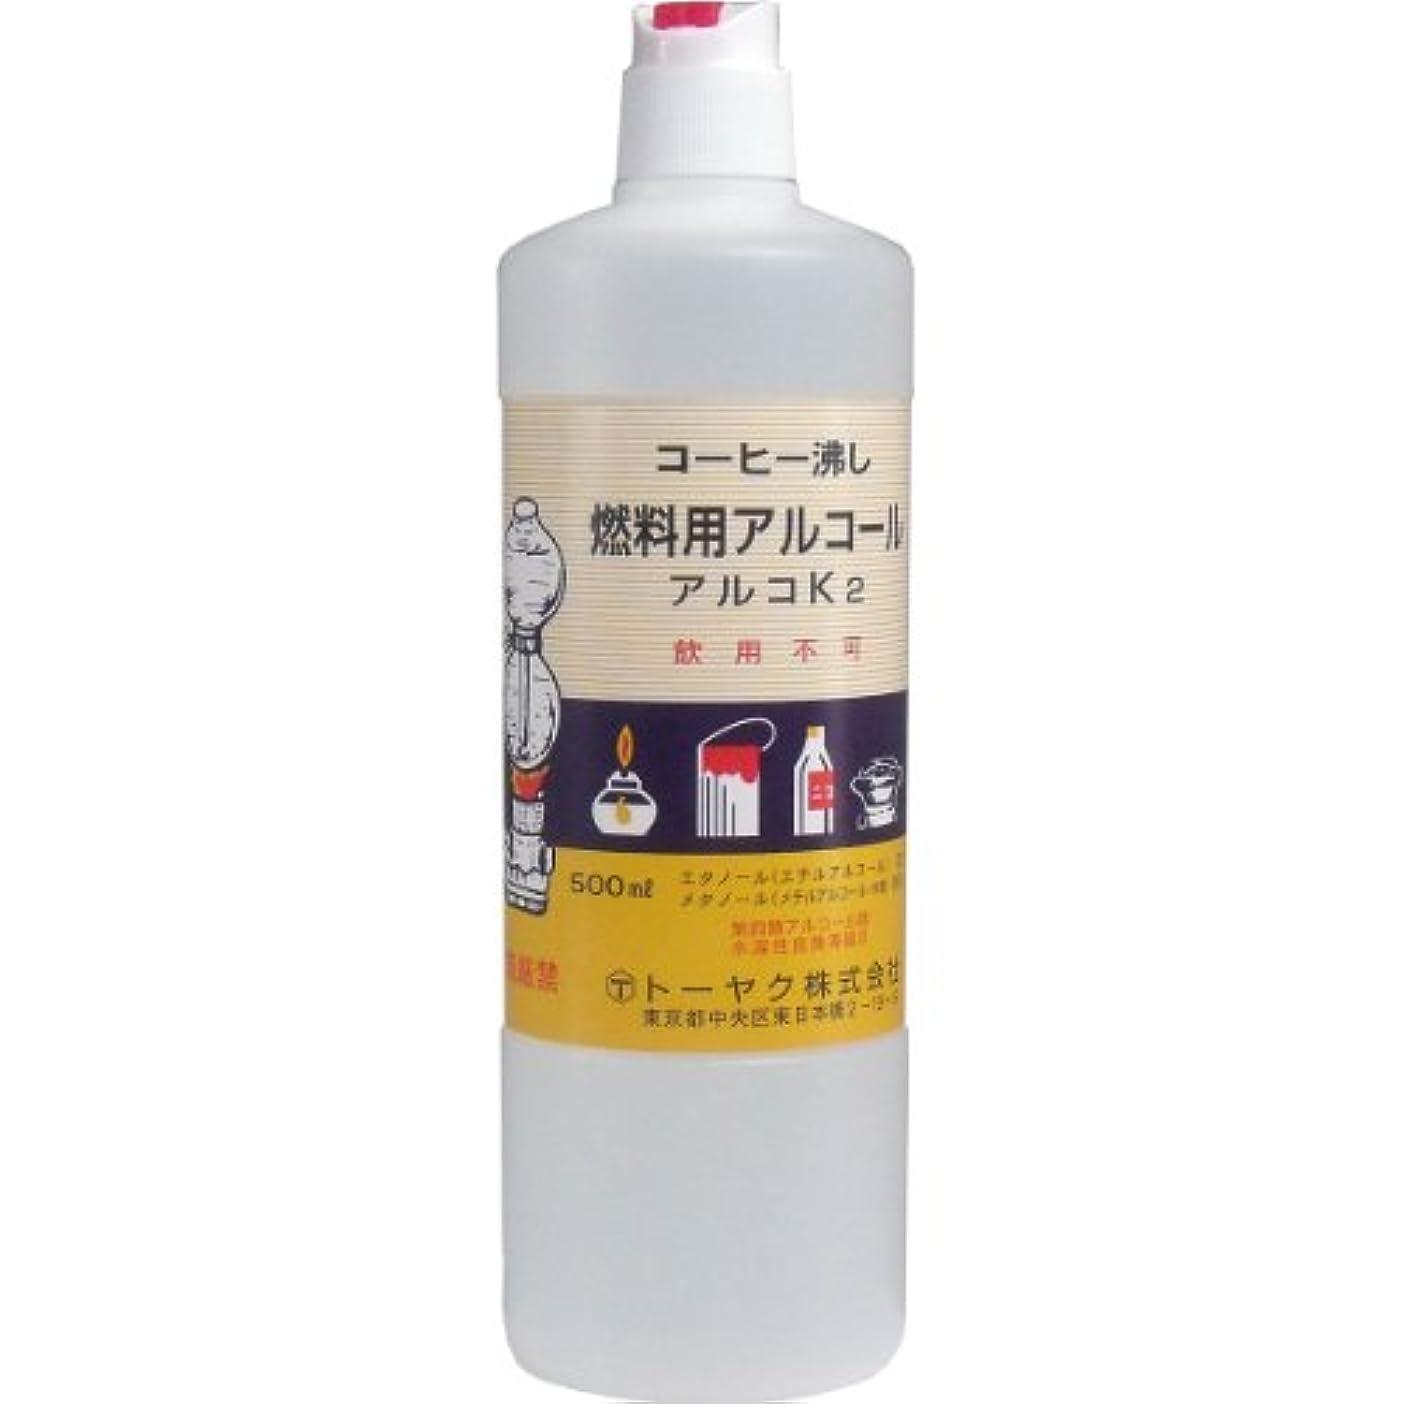 実験冷蔵庫集団的燃料用アルコール アルコK2 ×3個セット